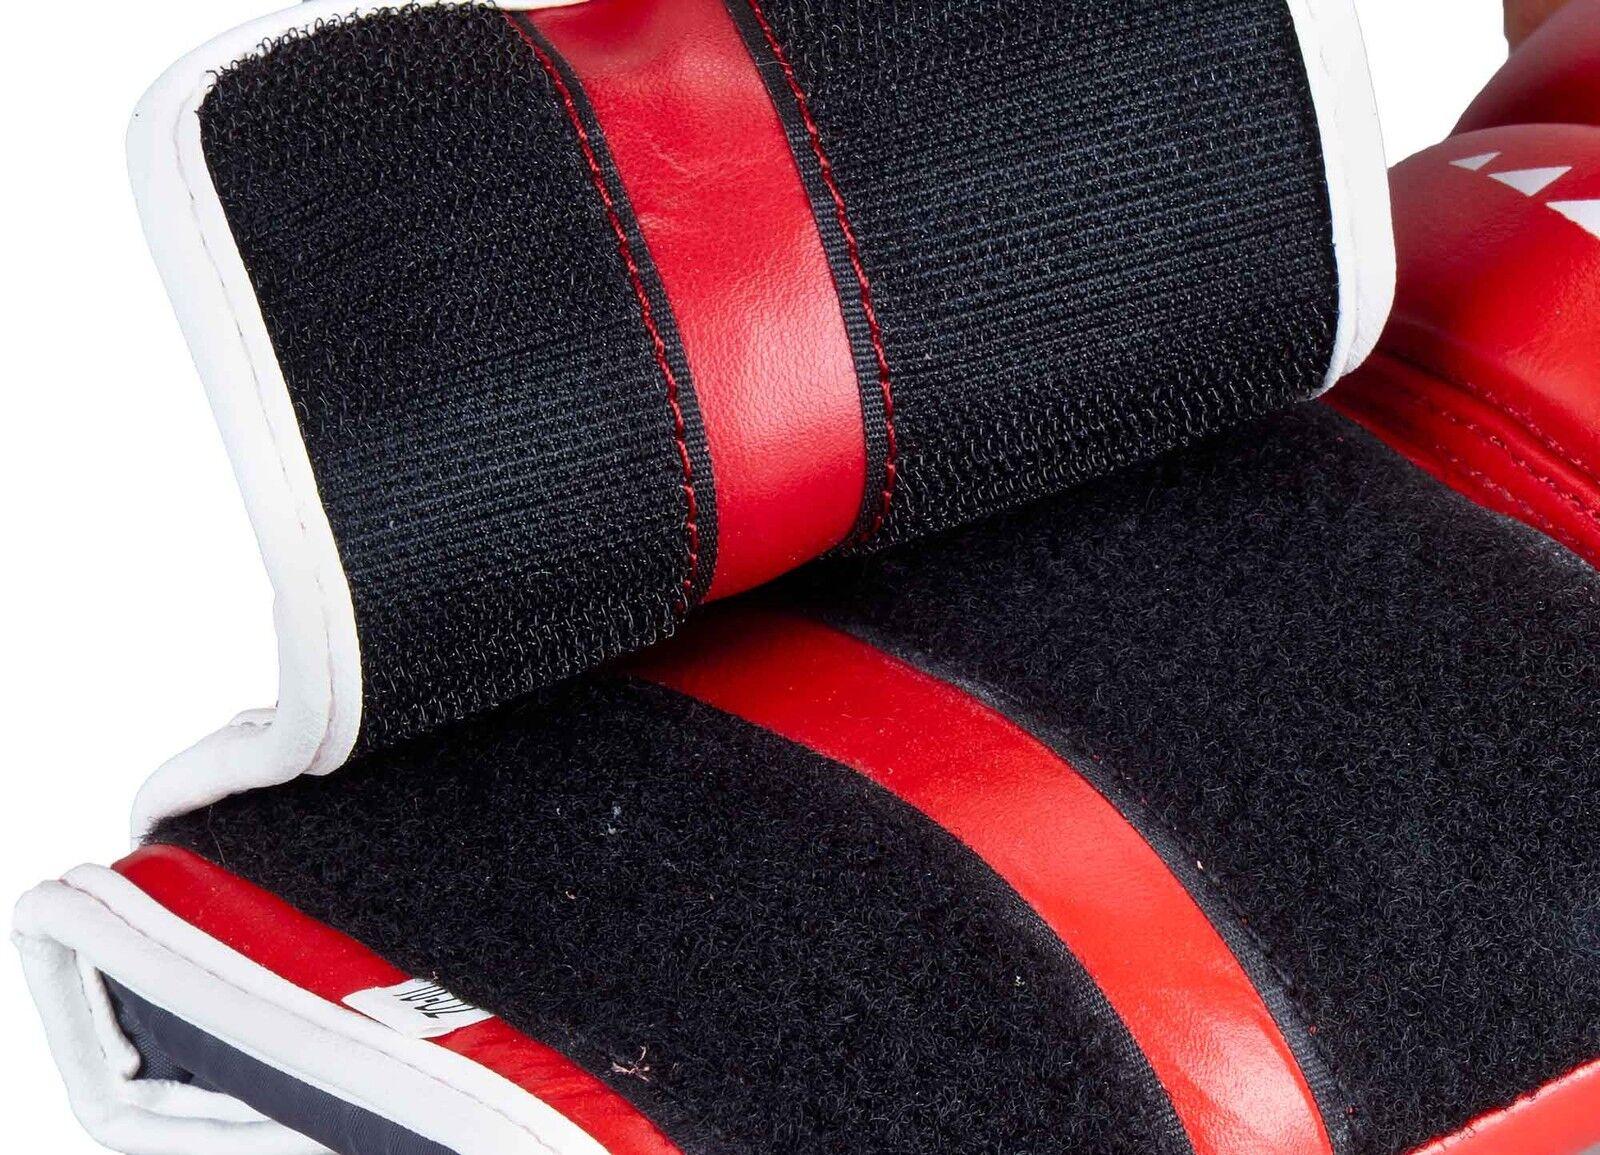 Ju-Sports Boxhandschuh C16 Competitor Leder pro Leder Competitor rot f577dc